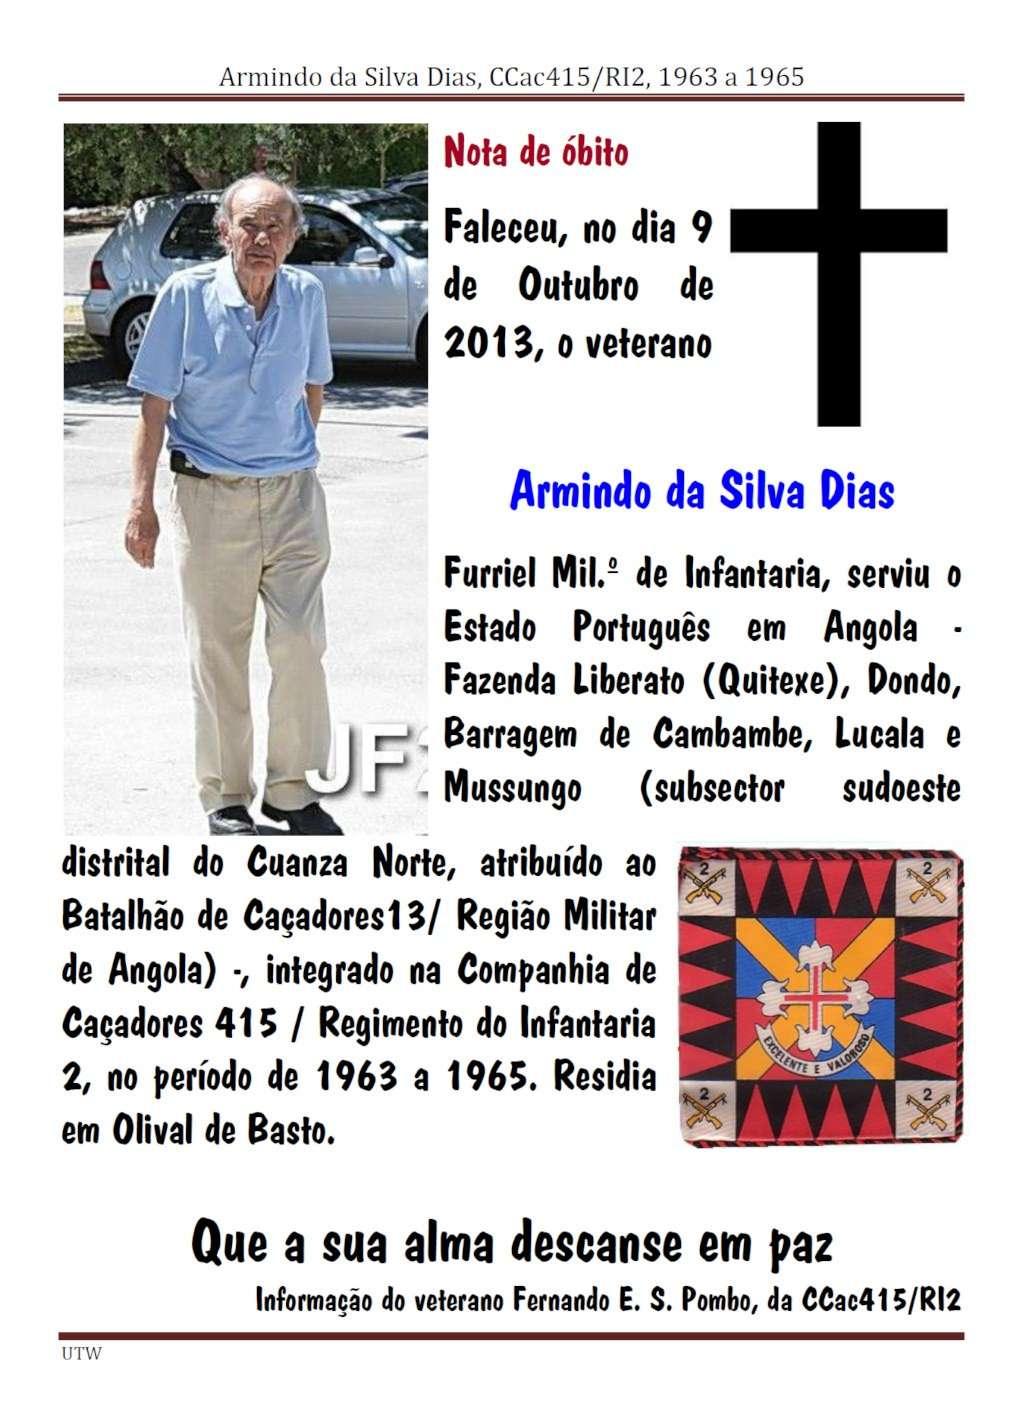 Faleceu o veterano Armindo da Silva Dias - CCac415/RI2 - 09Out2013 Armind13